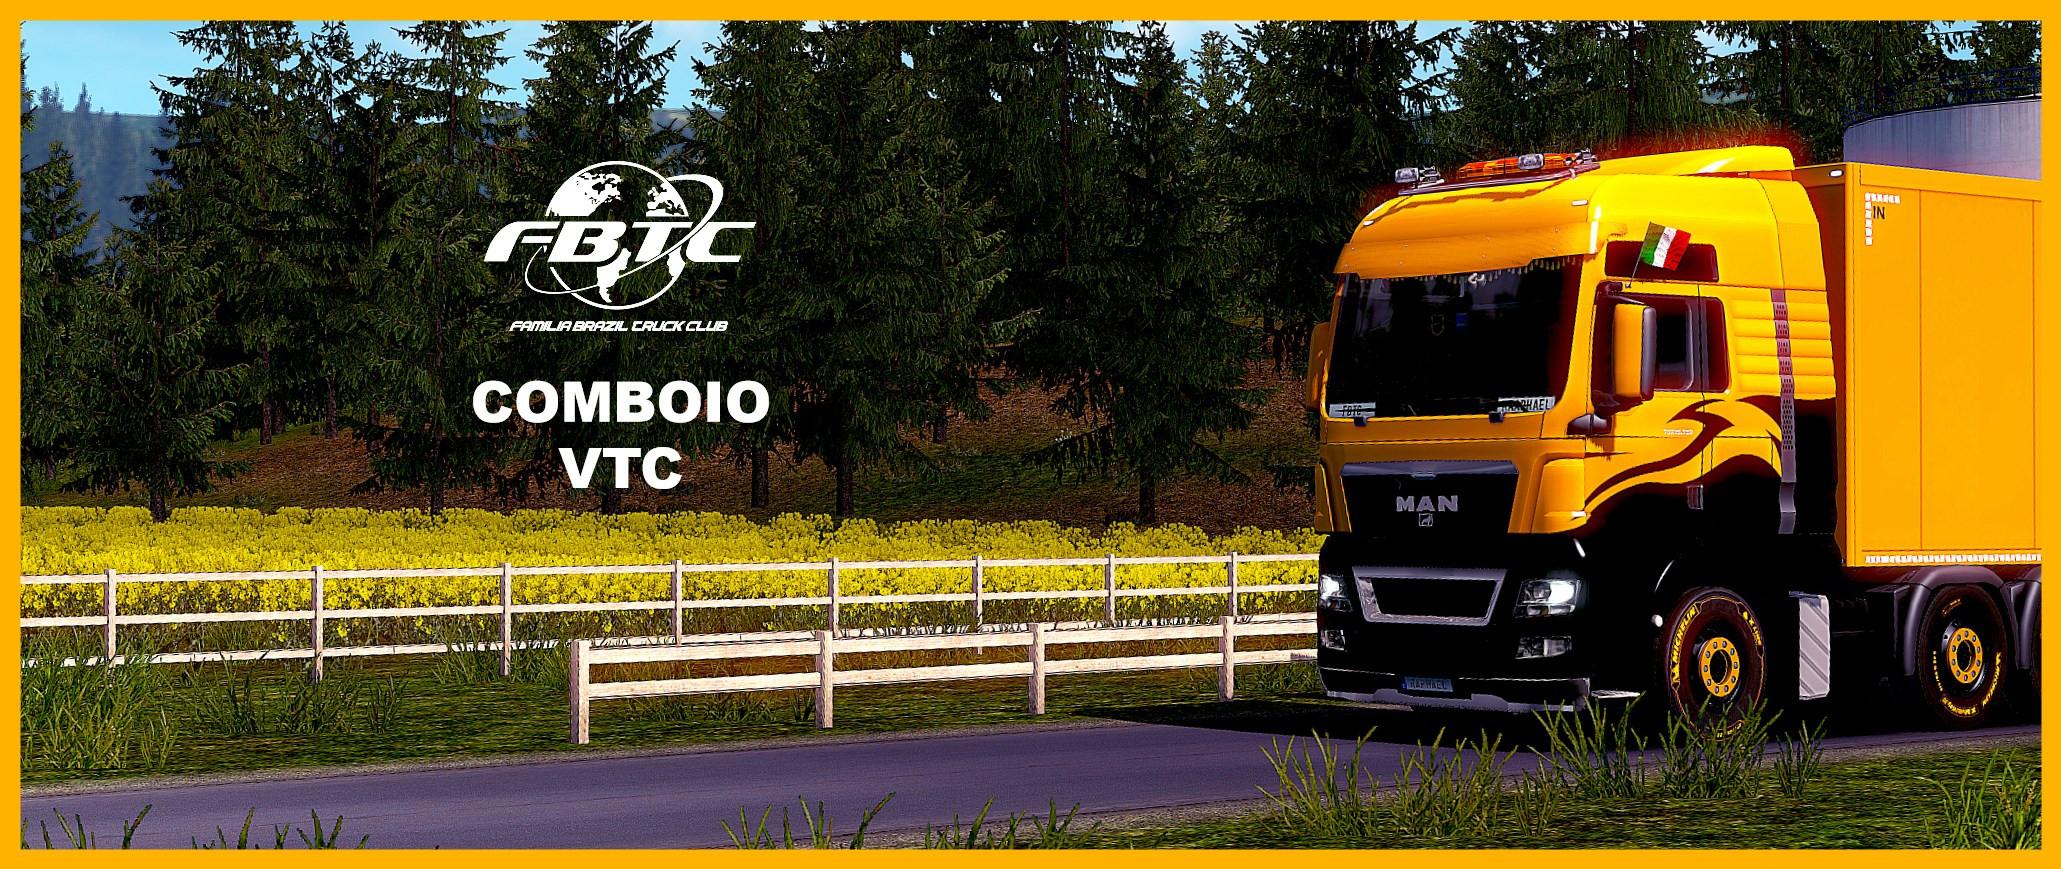 Comboio VTC - Mês de Maio